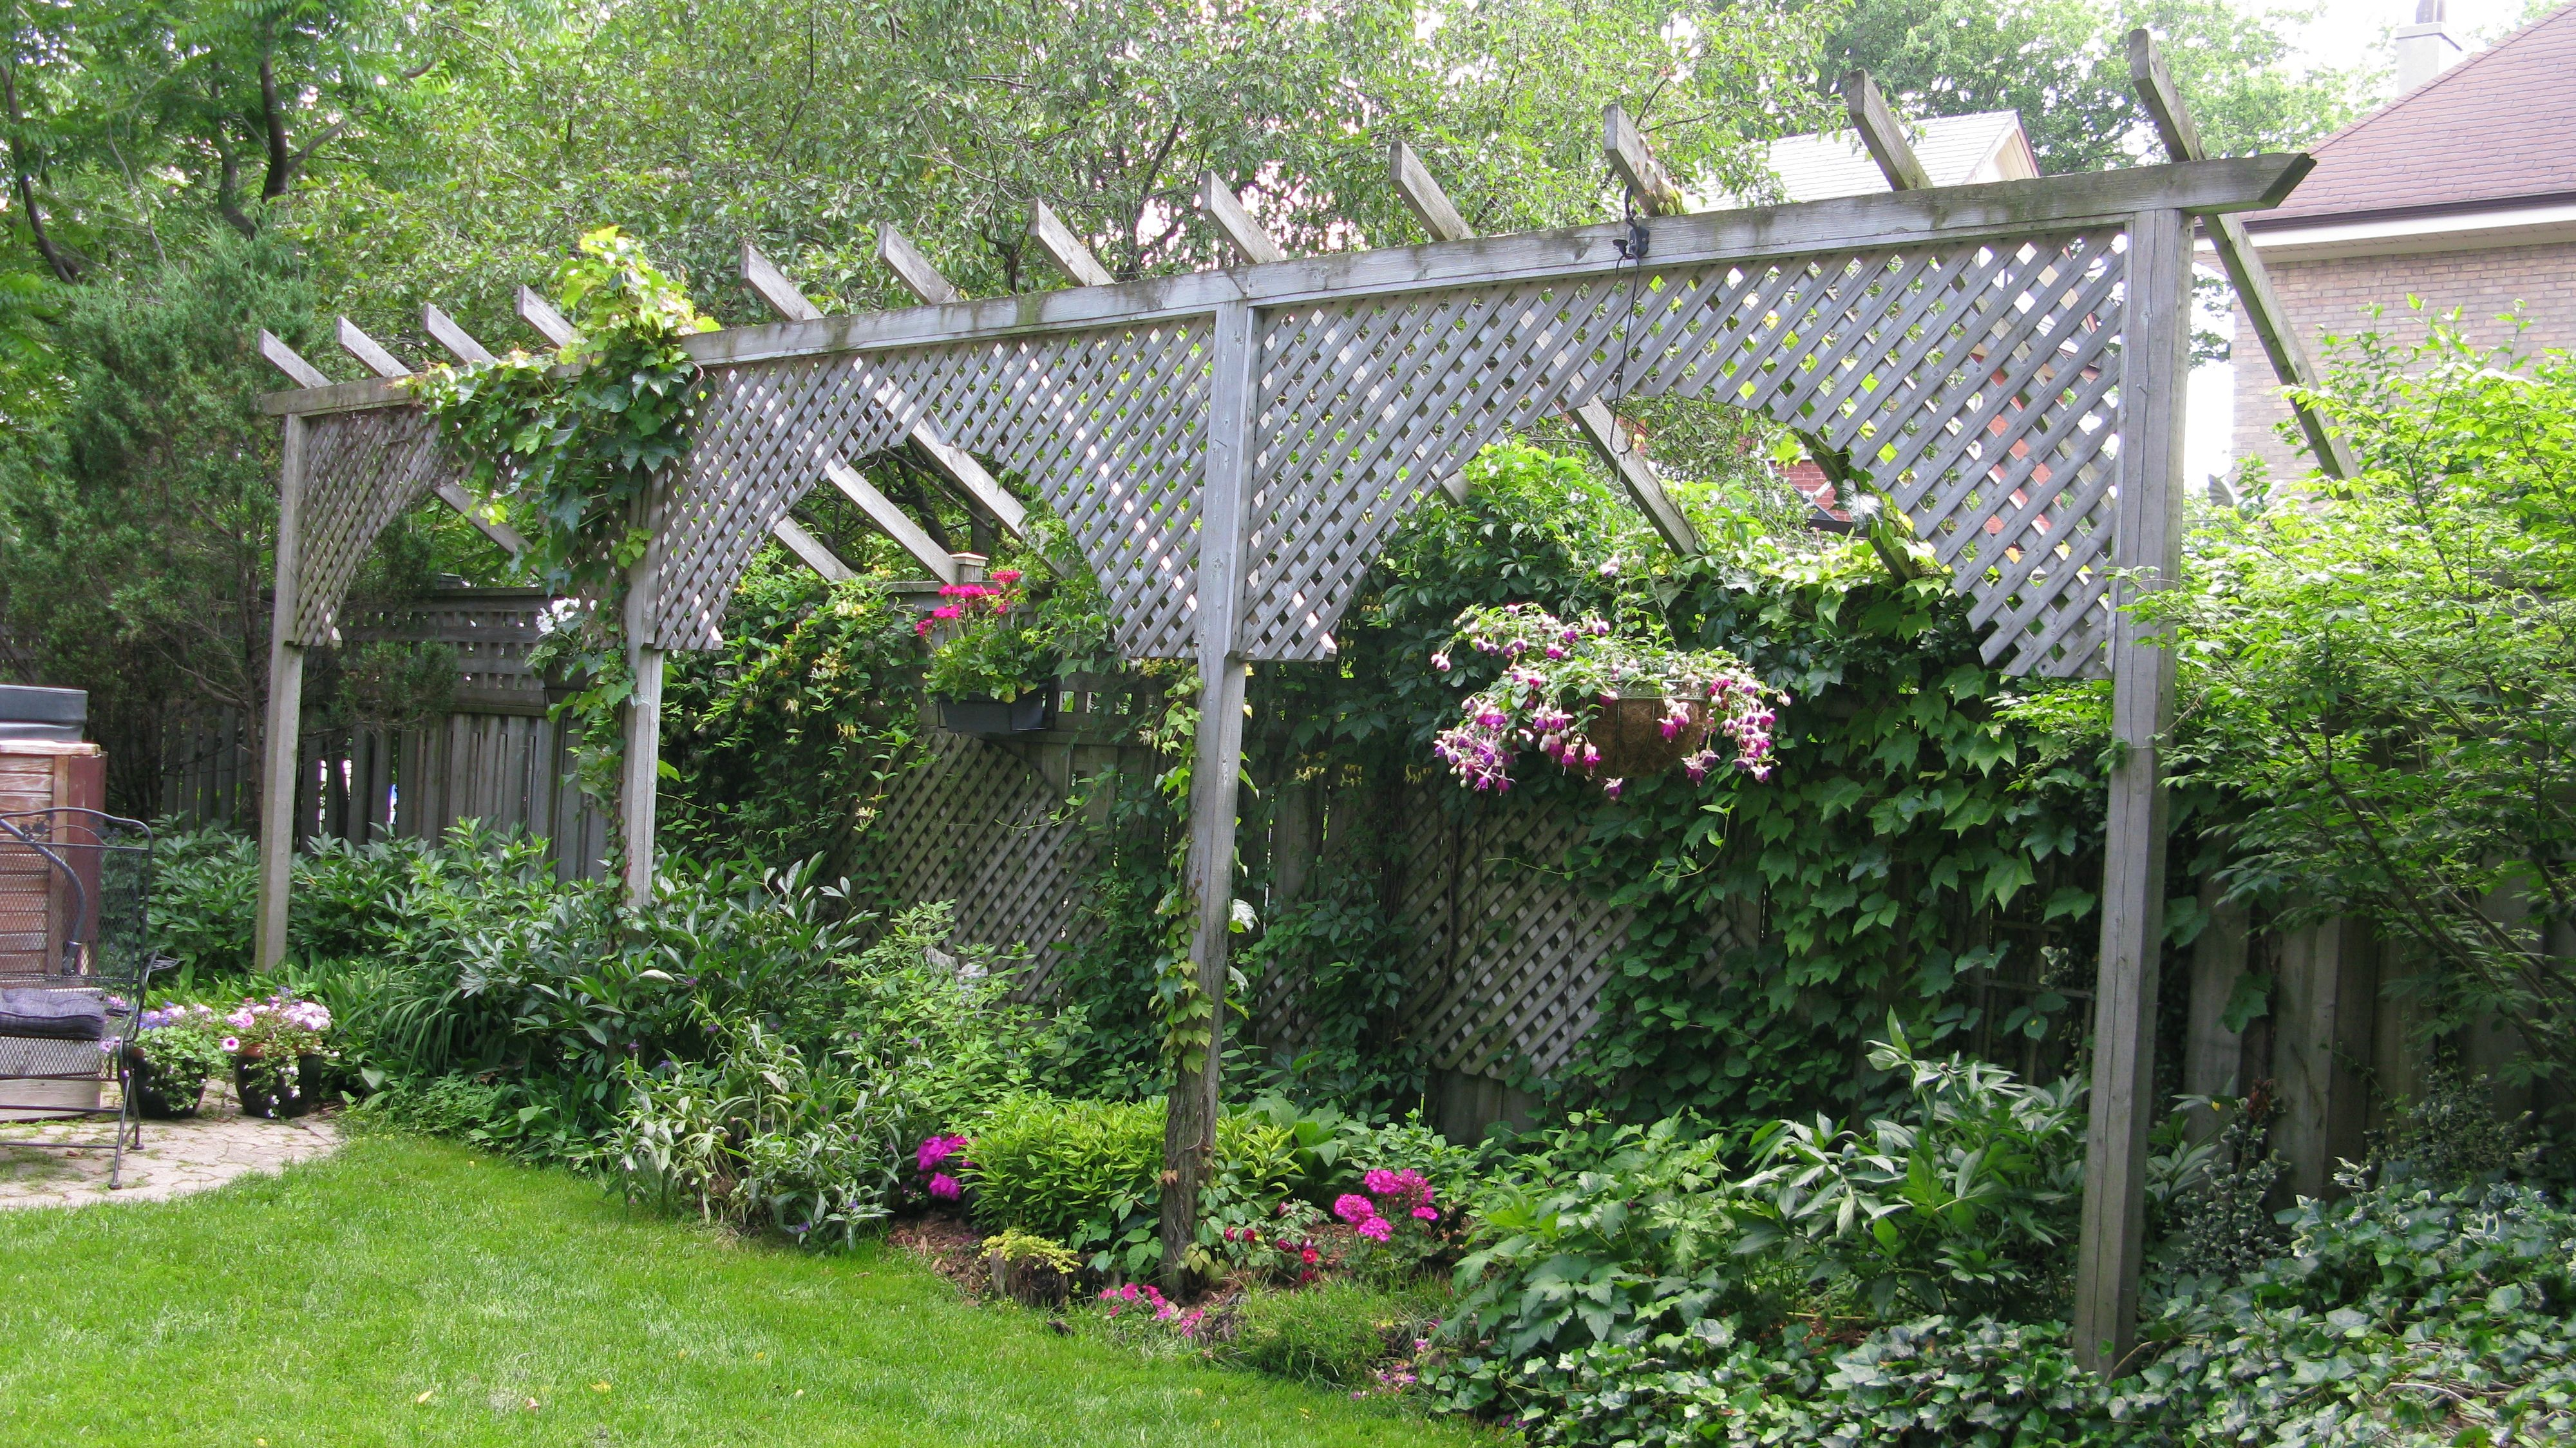 Fullsize Of Backyard Fence Art